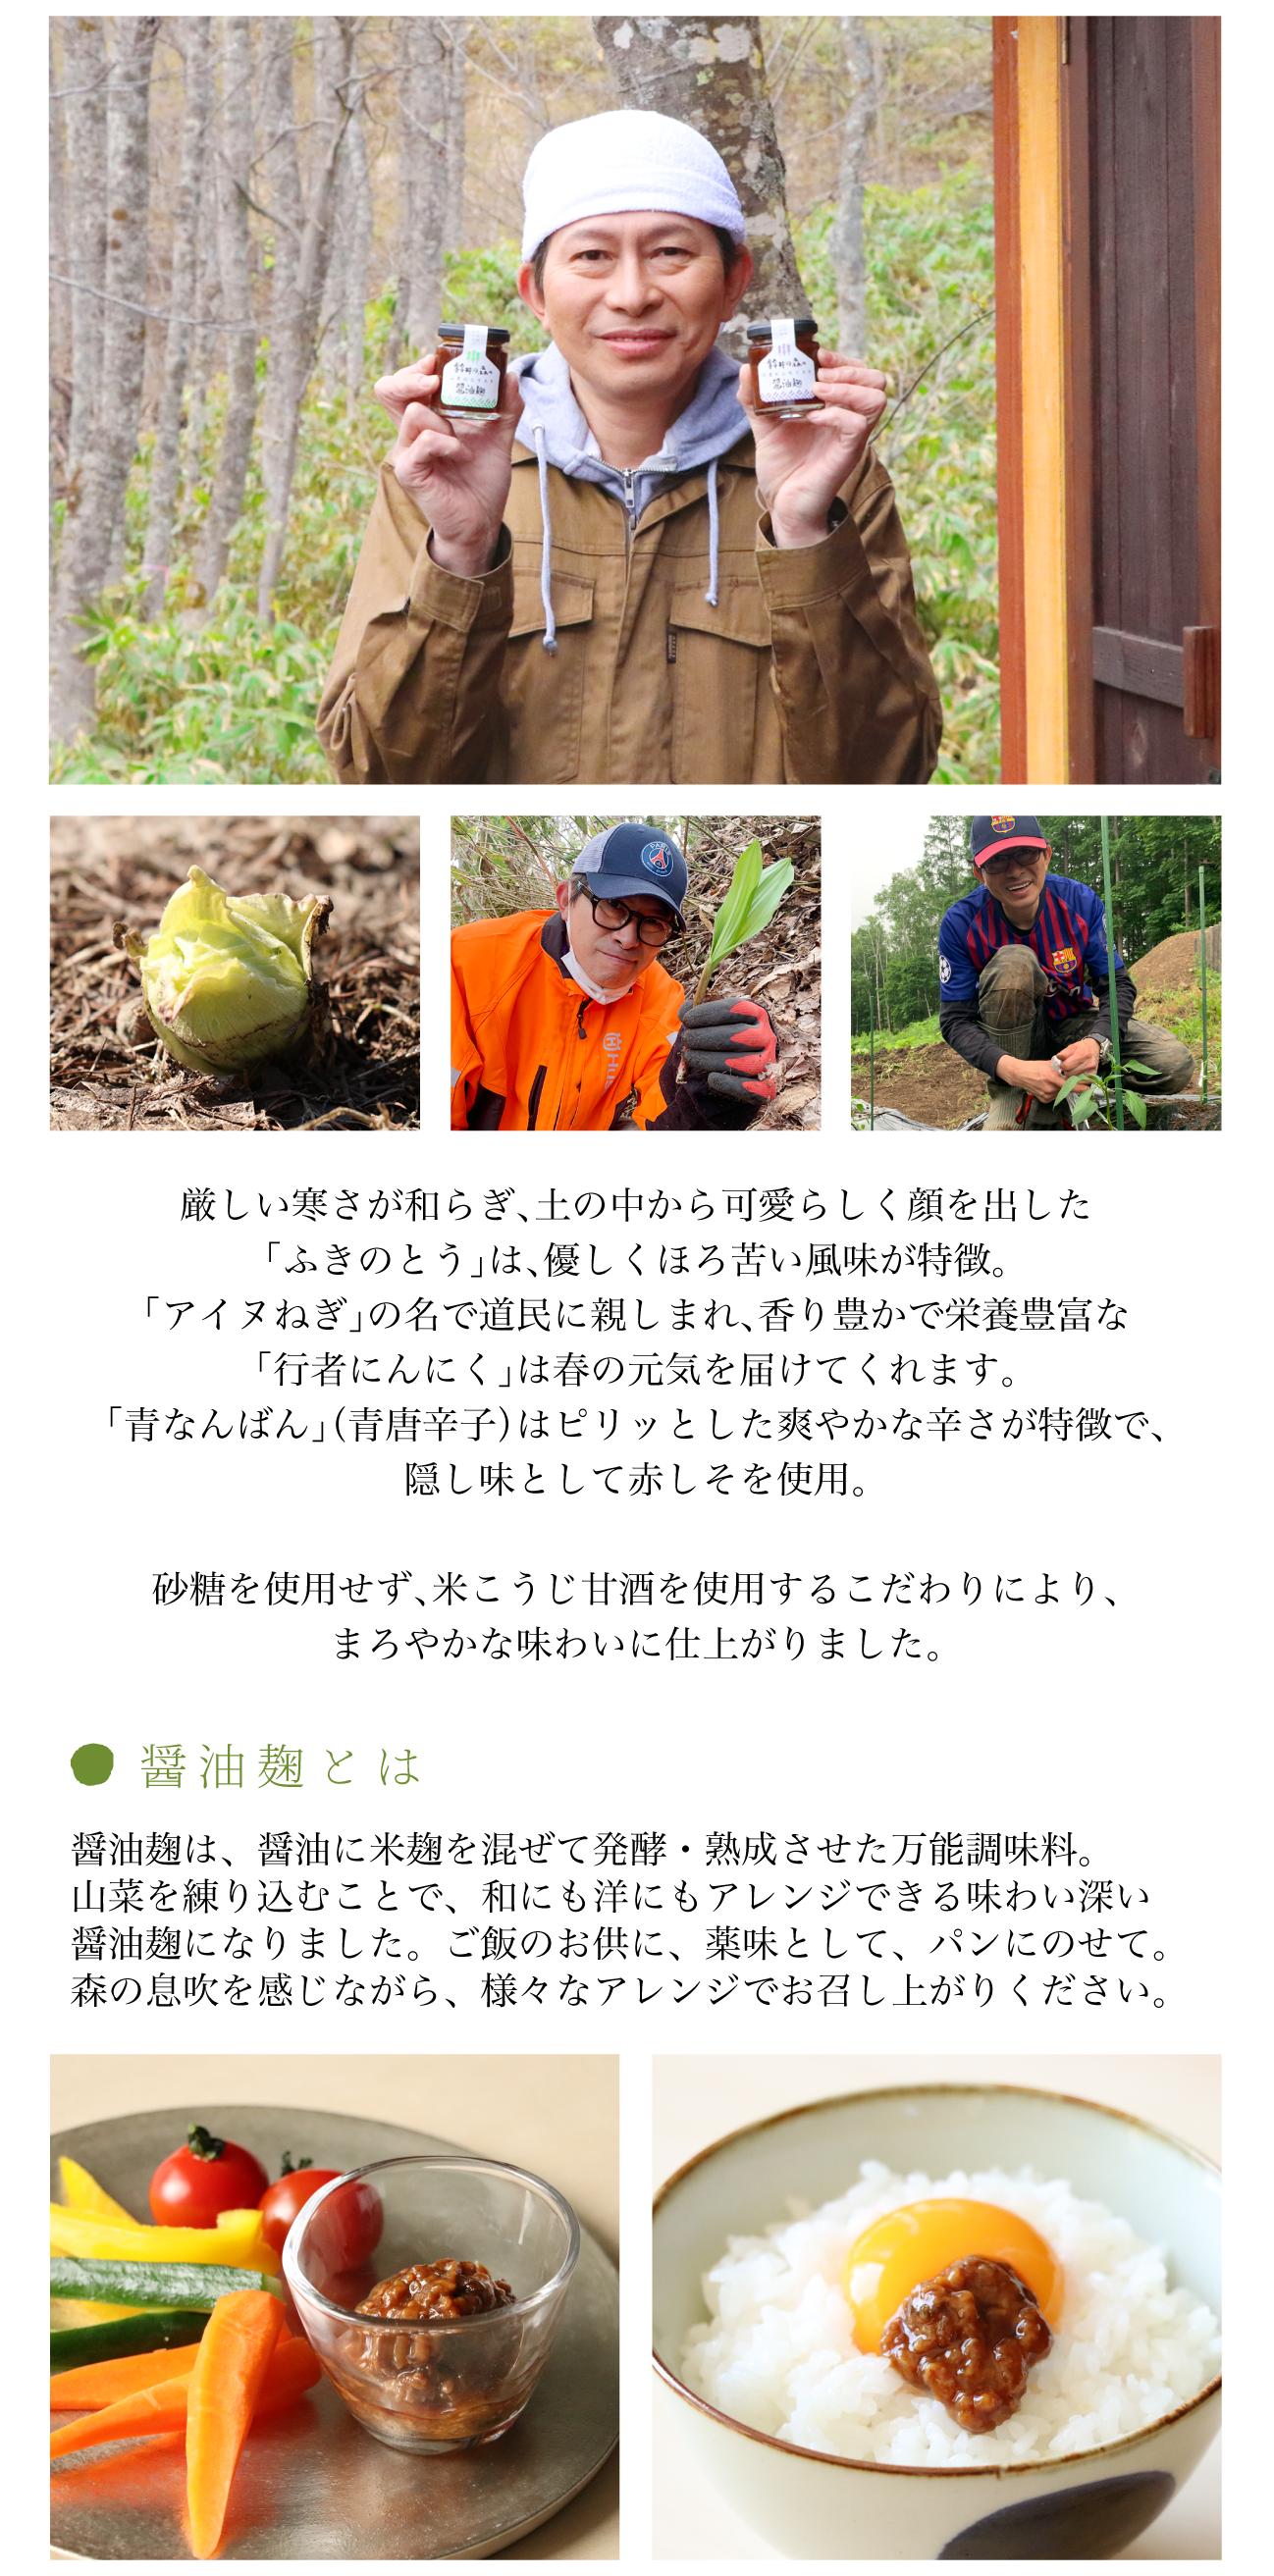 suzuinomori2021_web1_02.png